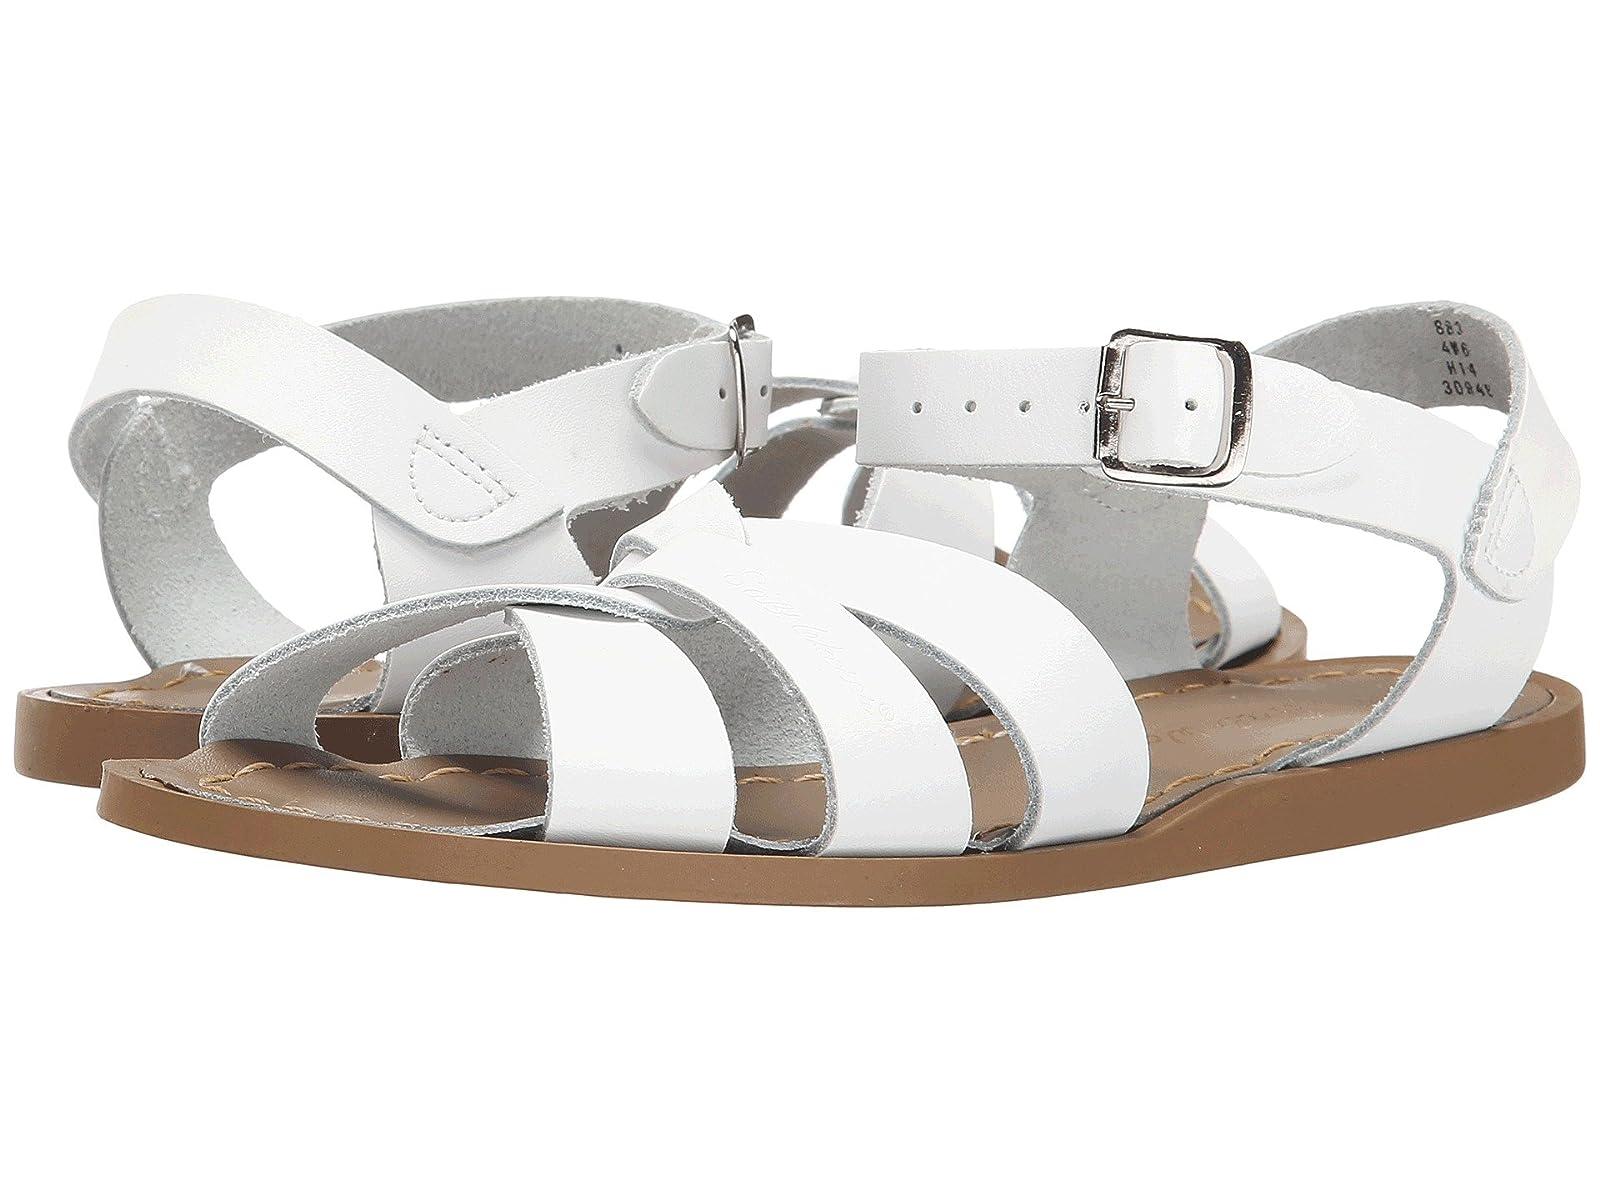 Salt Water Sandal by Hoy Shoes The Original Sandal (Big Kid/Adult)Atmospheric grades have affordable shoes